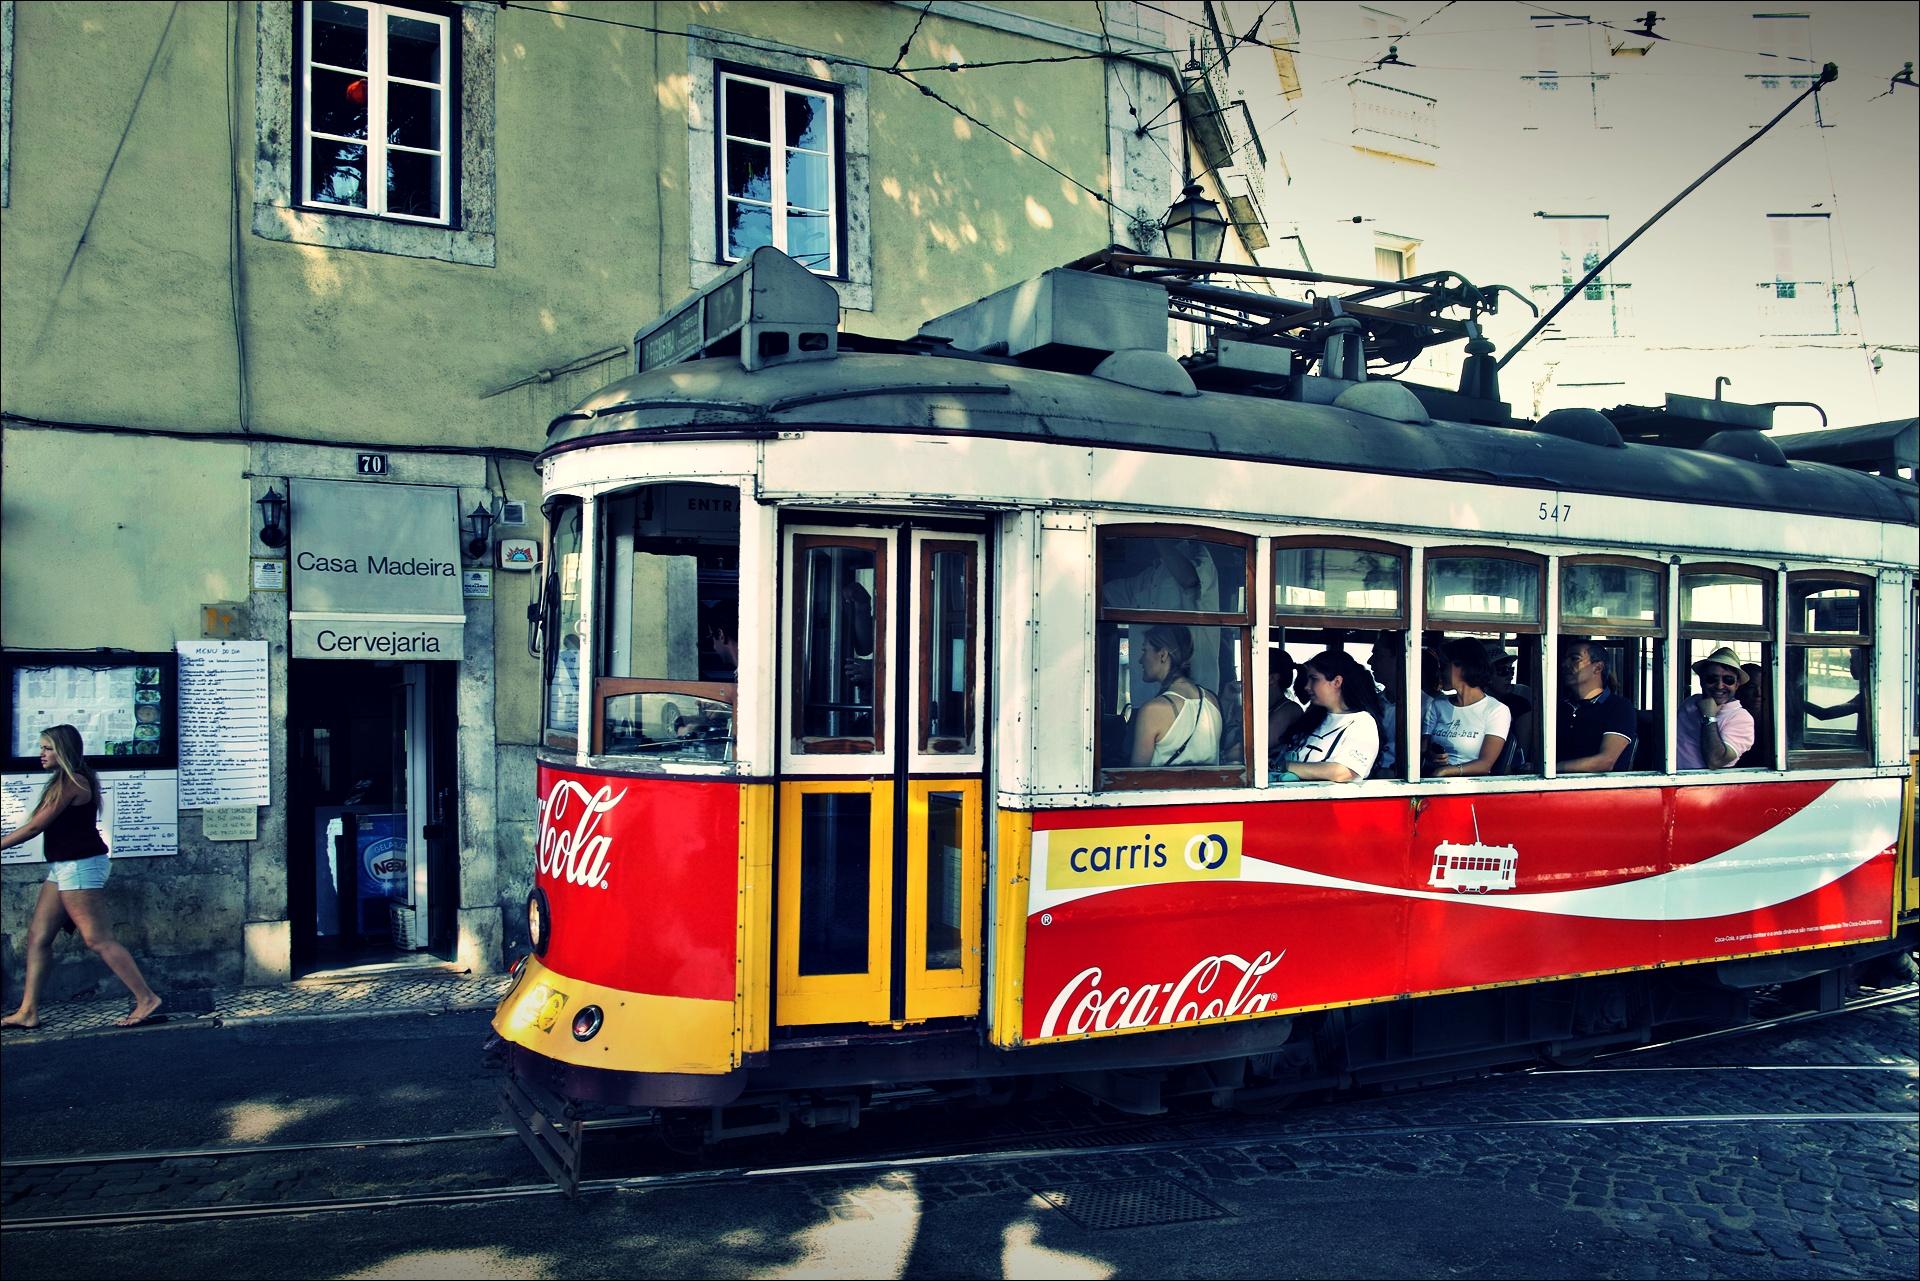 코카콜라 트램-'리스본 Lisbon'